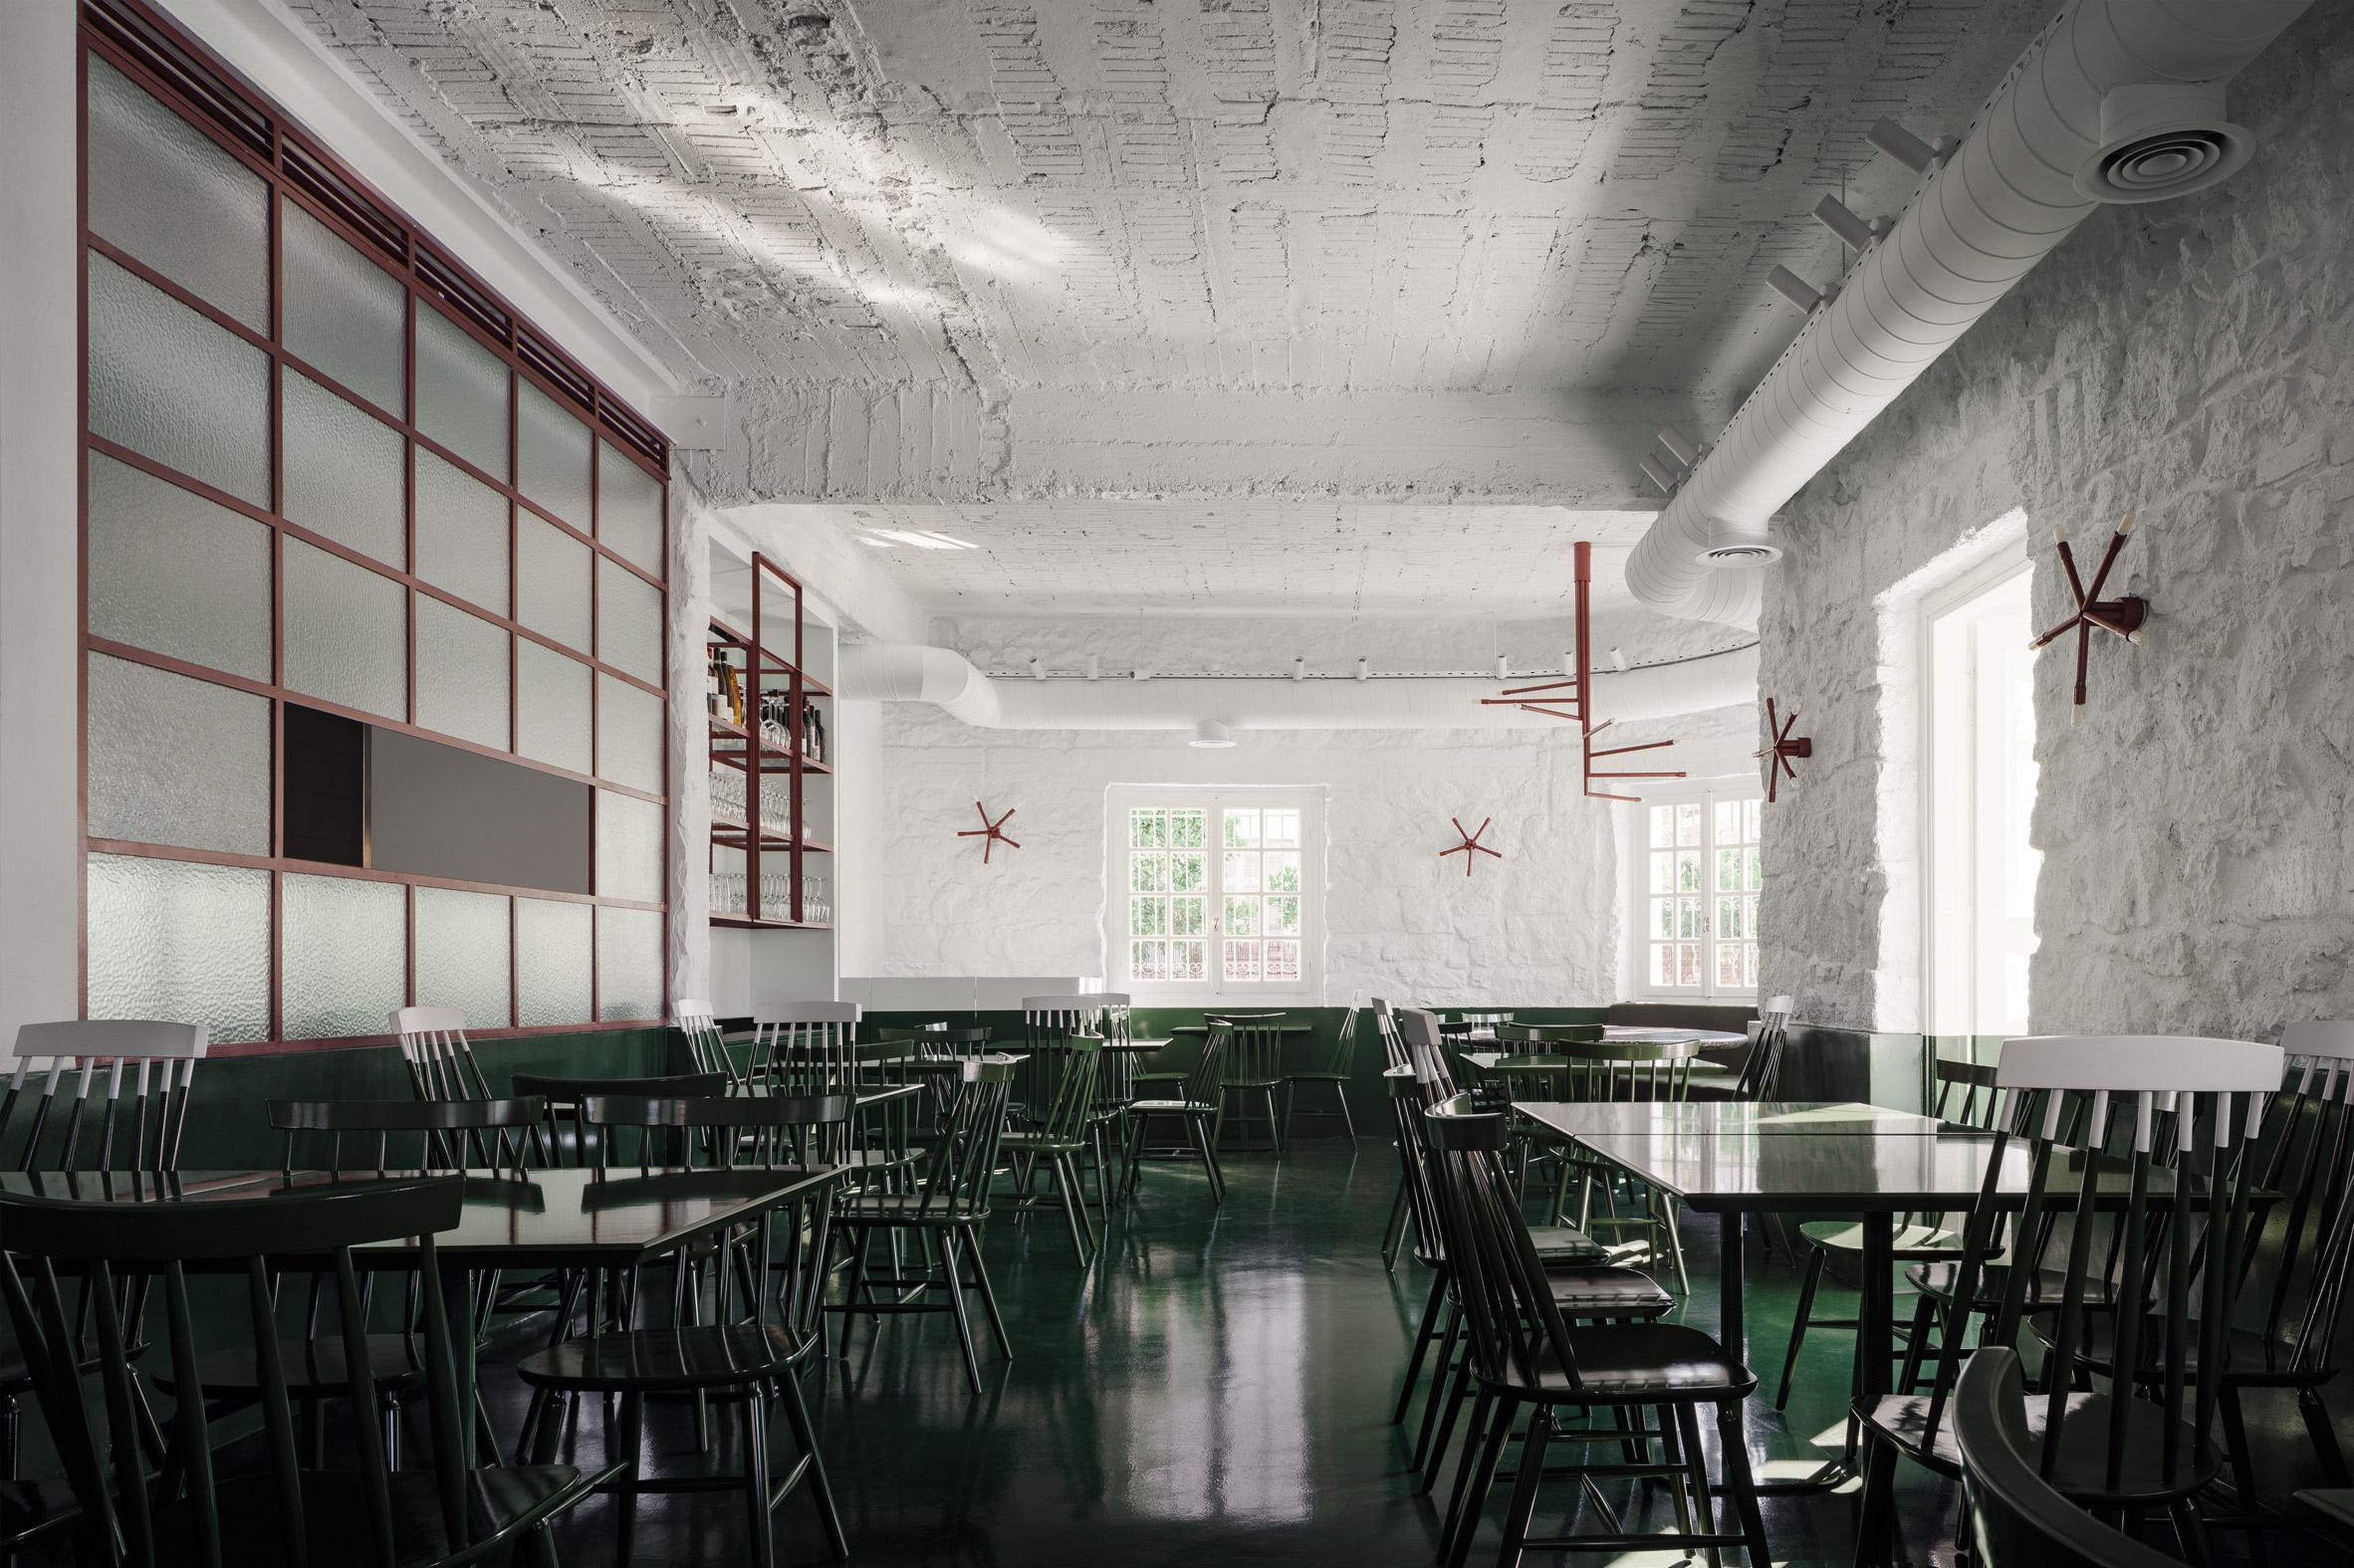 Interiors of Lollo's Atene restaurant designed by AK-A